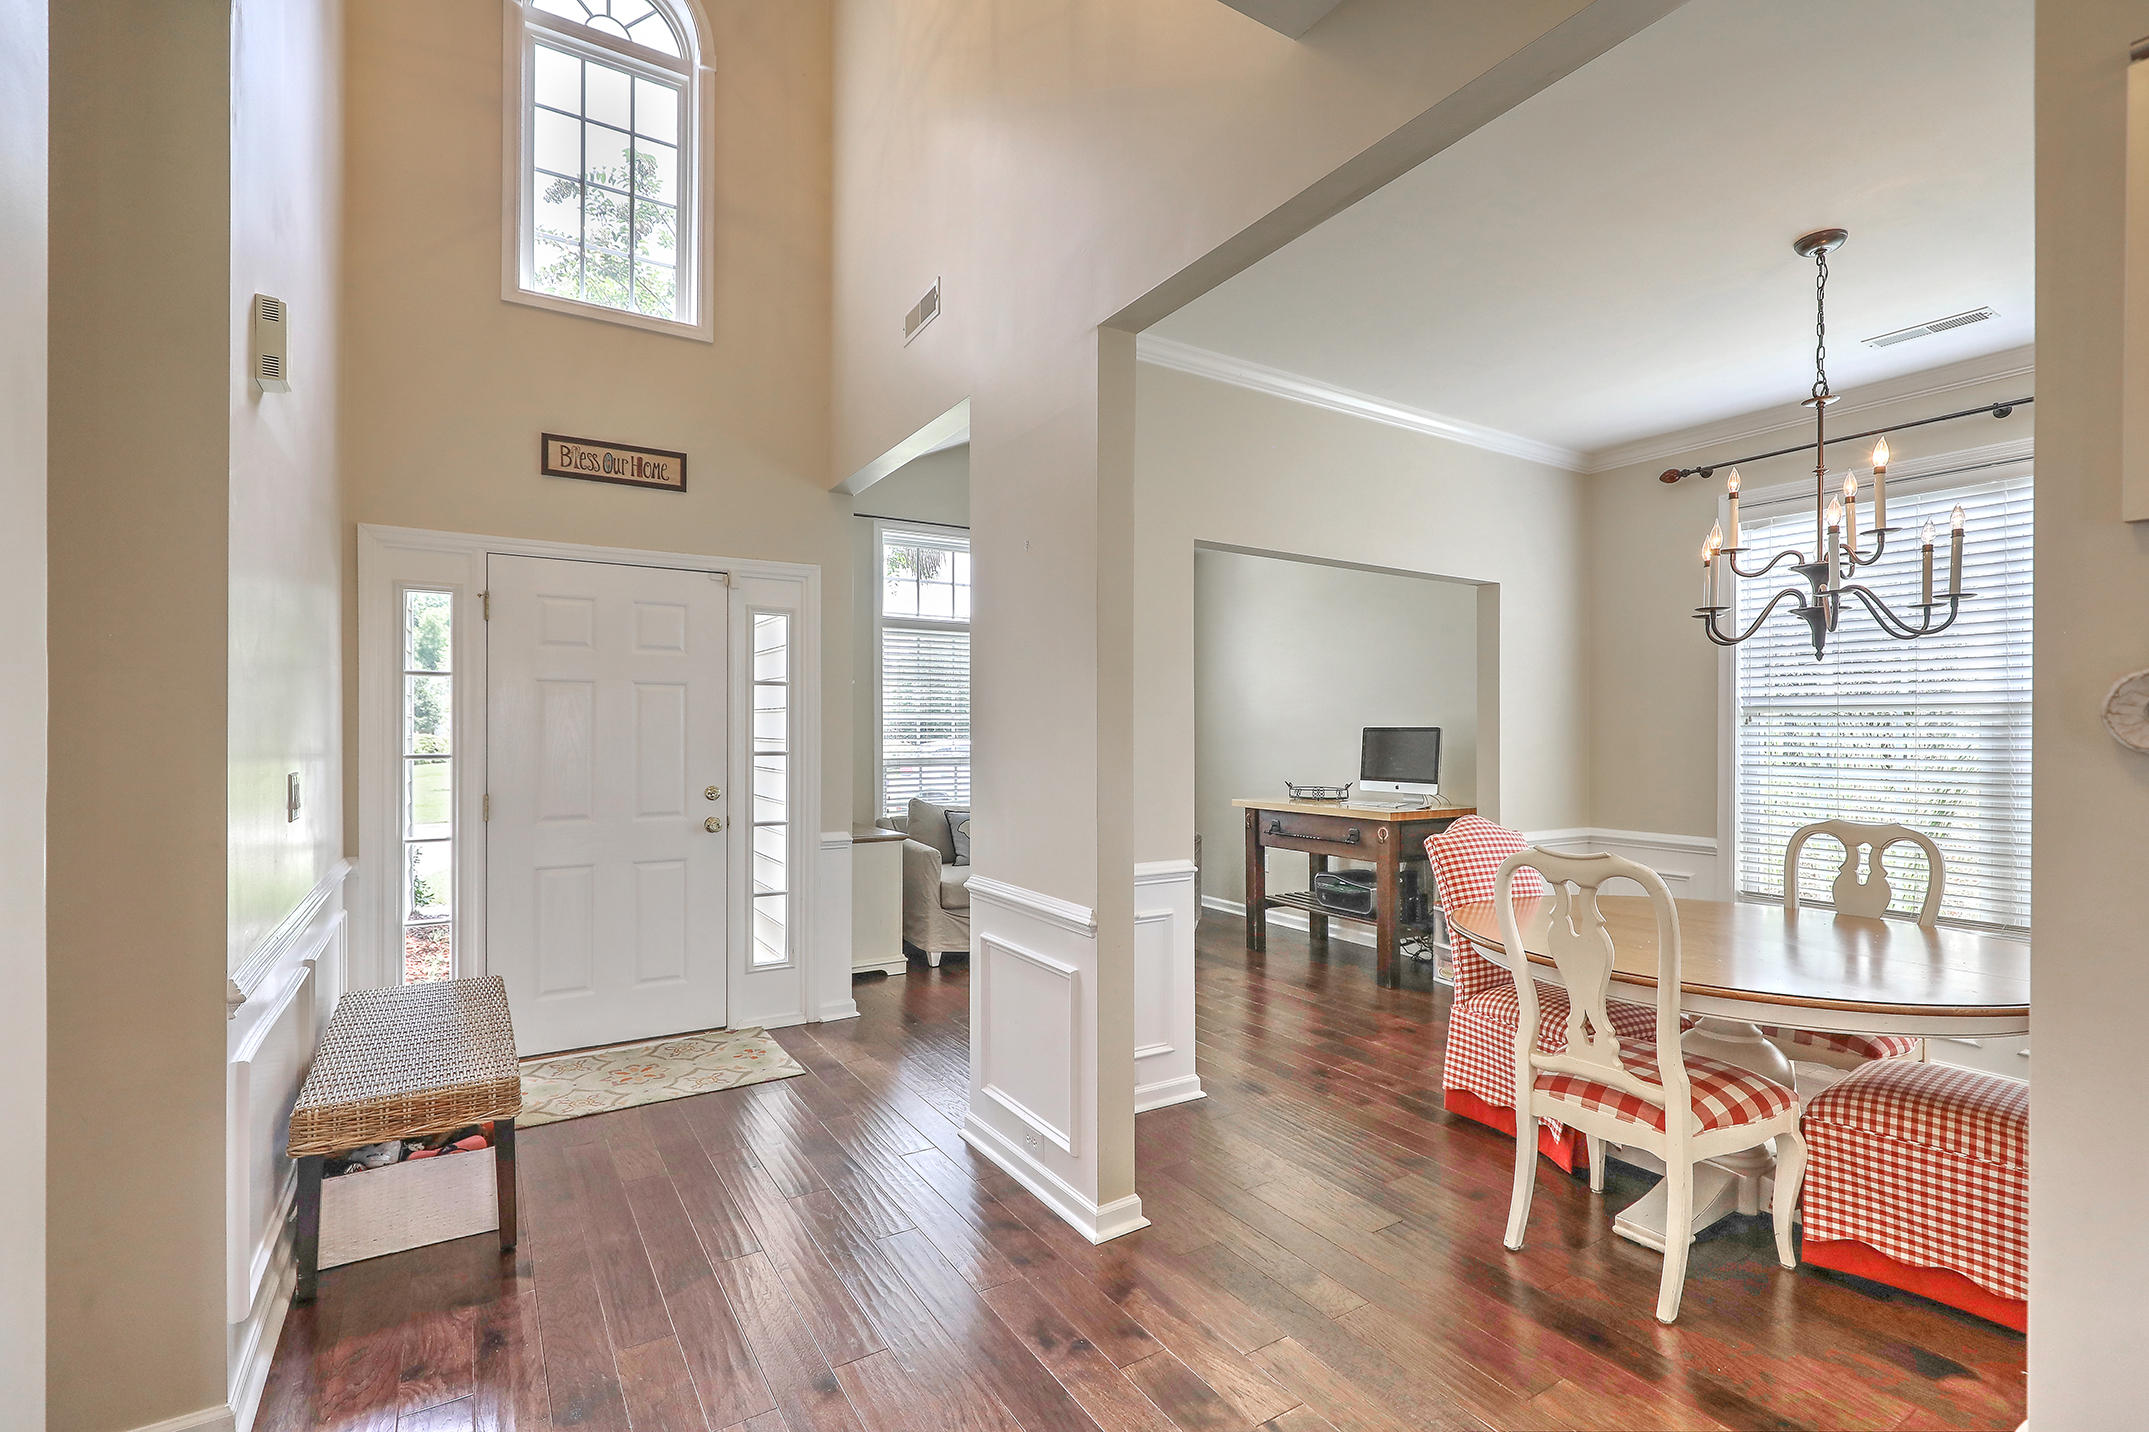 Park West Homes For Sale - 1676 Jorrington, Mount Pleasant, SC - 0